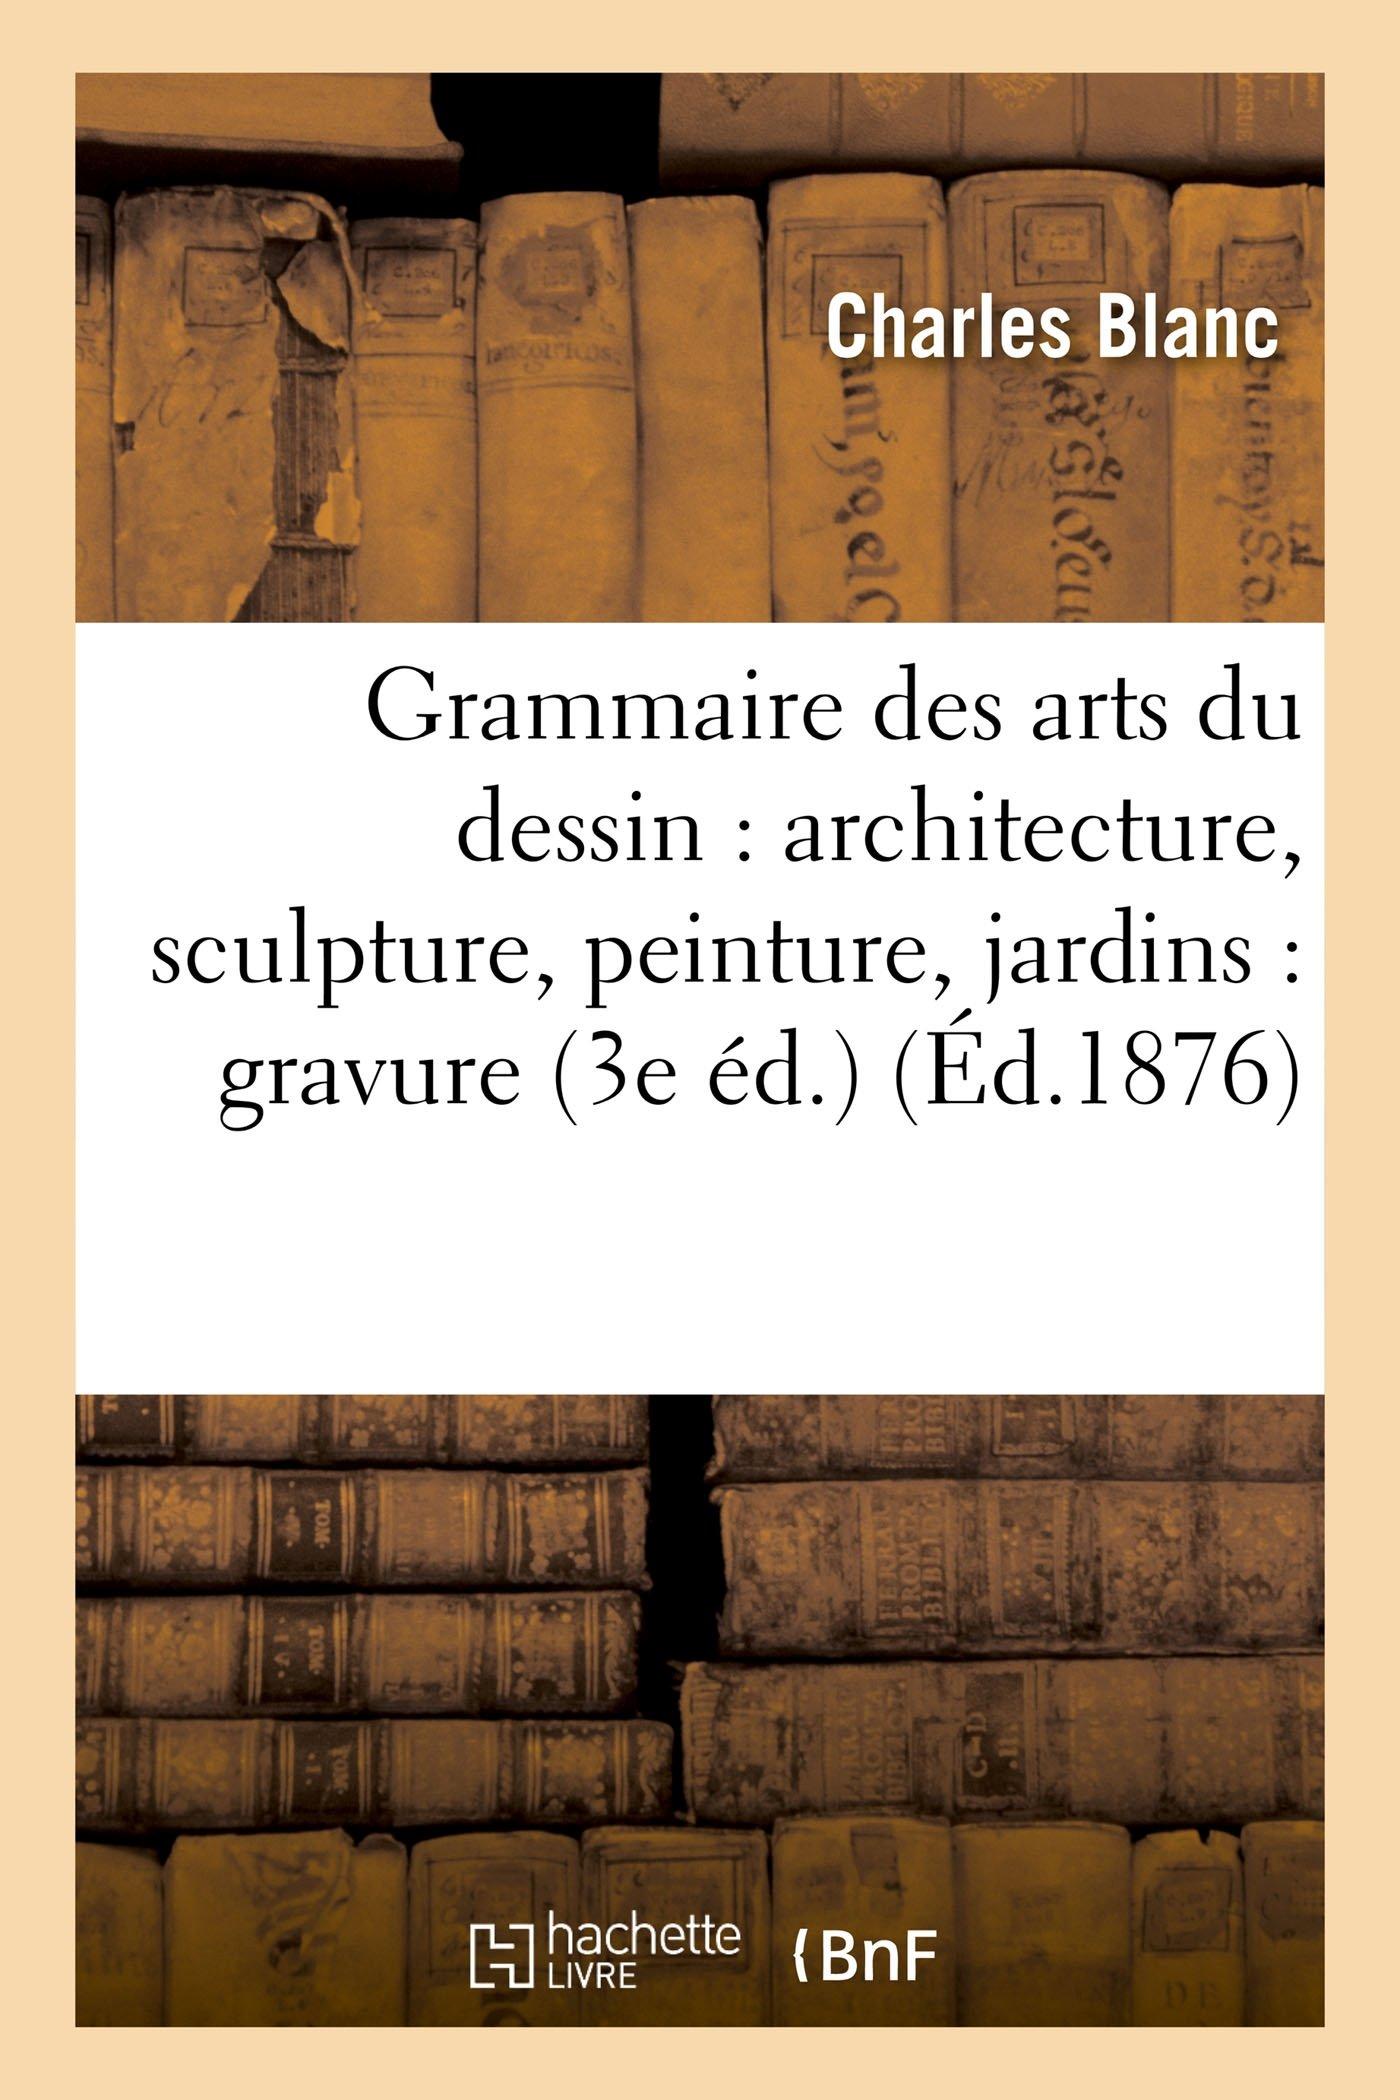 grammaire des arts du dessin architecture sculpture peinture classic reprint